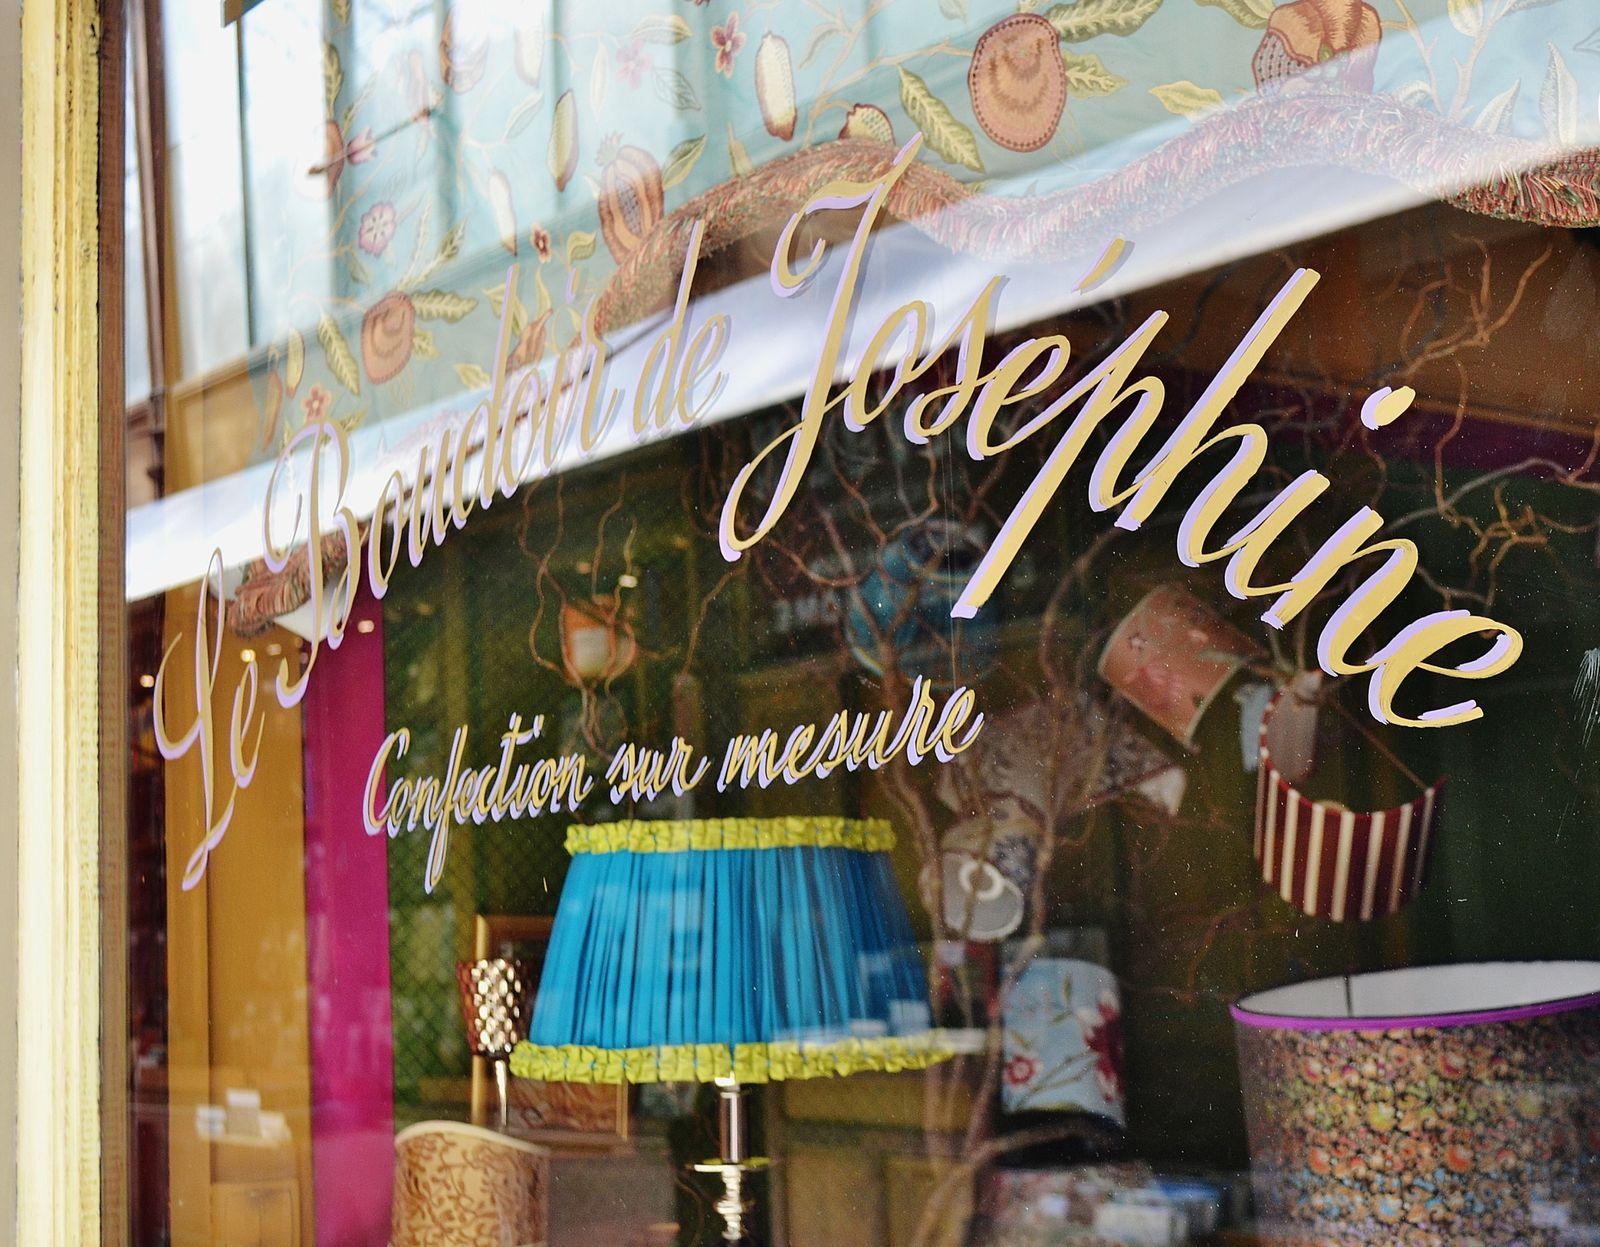 Le passage Jouffroy. On y trouve l'hôtel Chopin et le fameux musée Grévin. Il y avait aussi une boutique vendant des cannes et autres objets de curiosité dont la façade faisait limite glauque. Amis du bon goût bonjour.